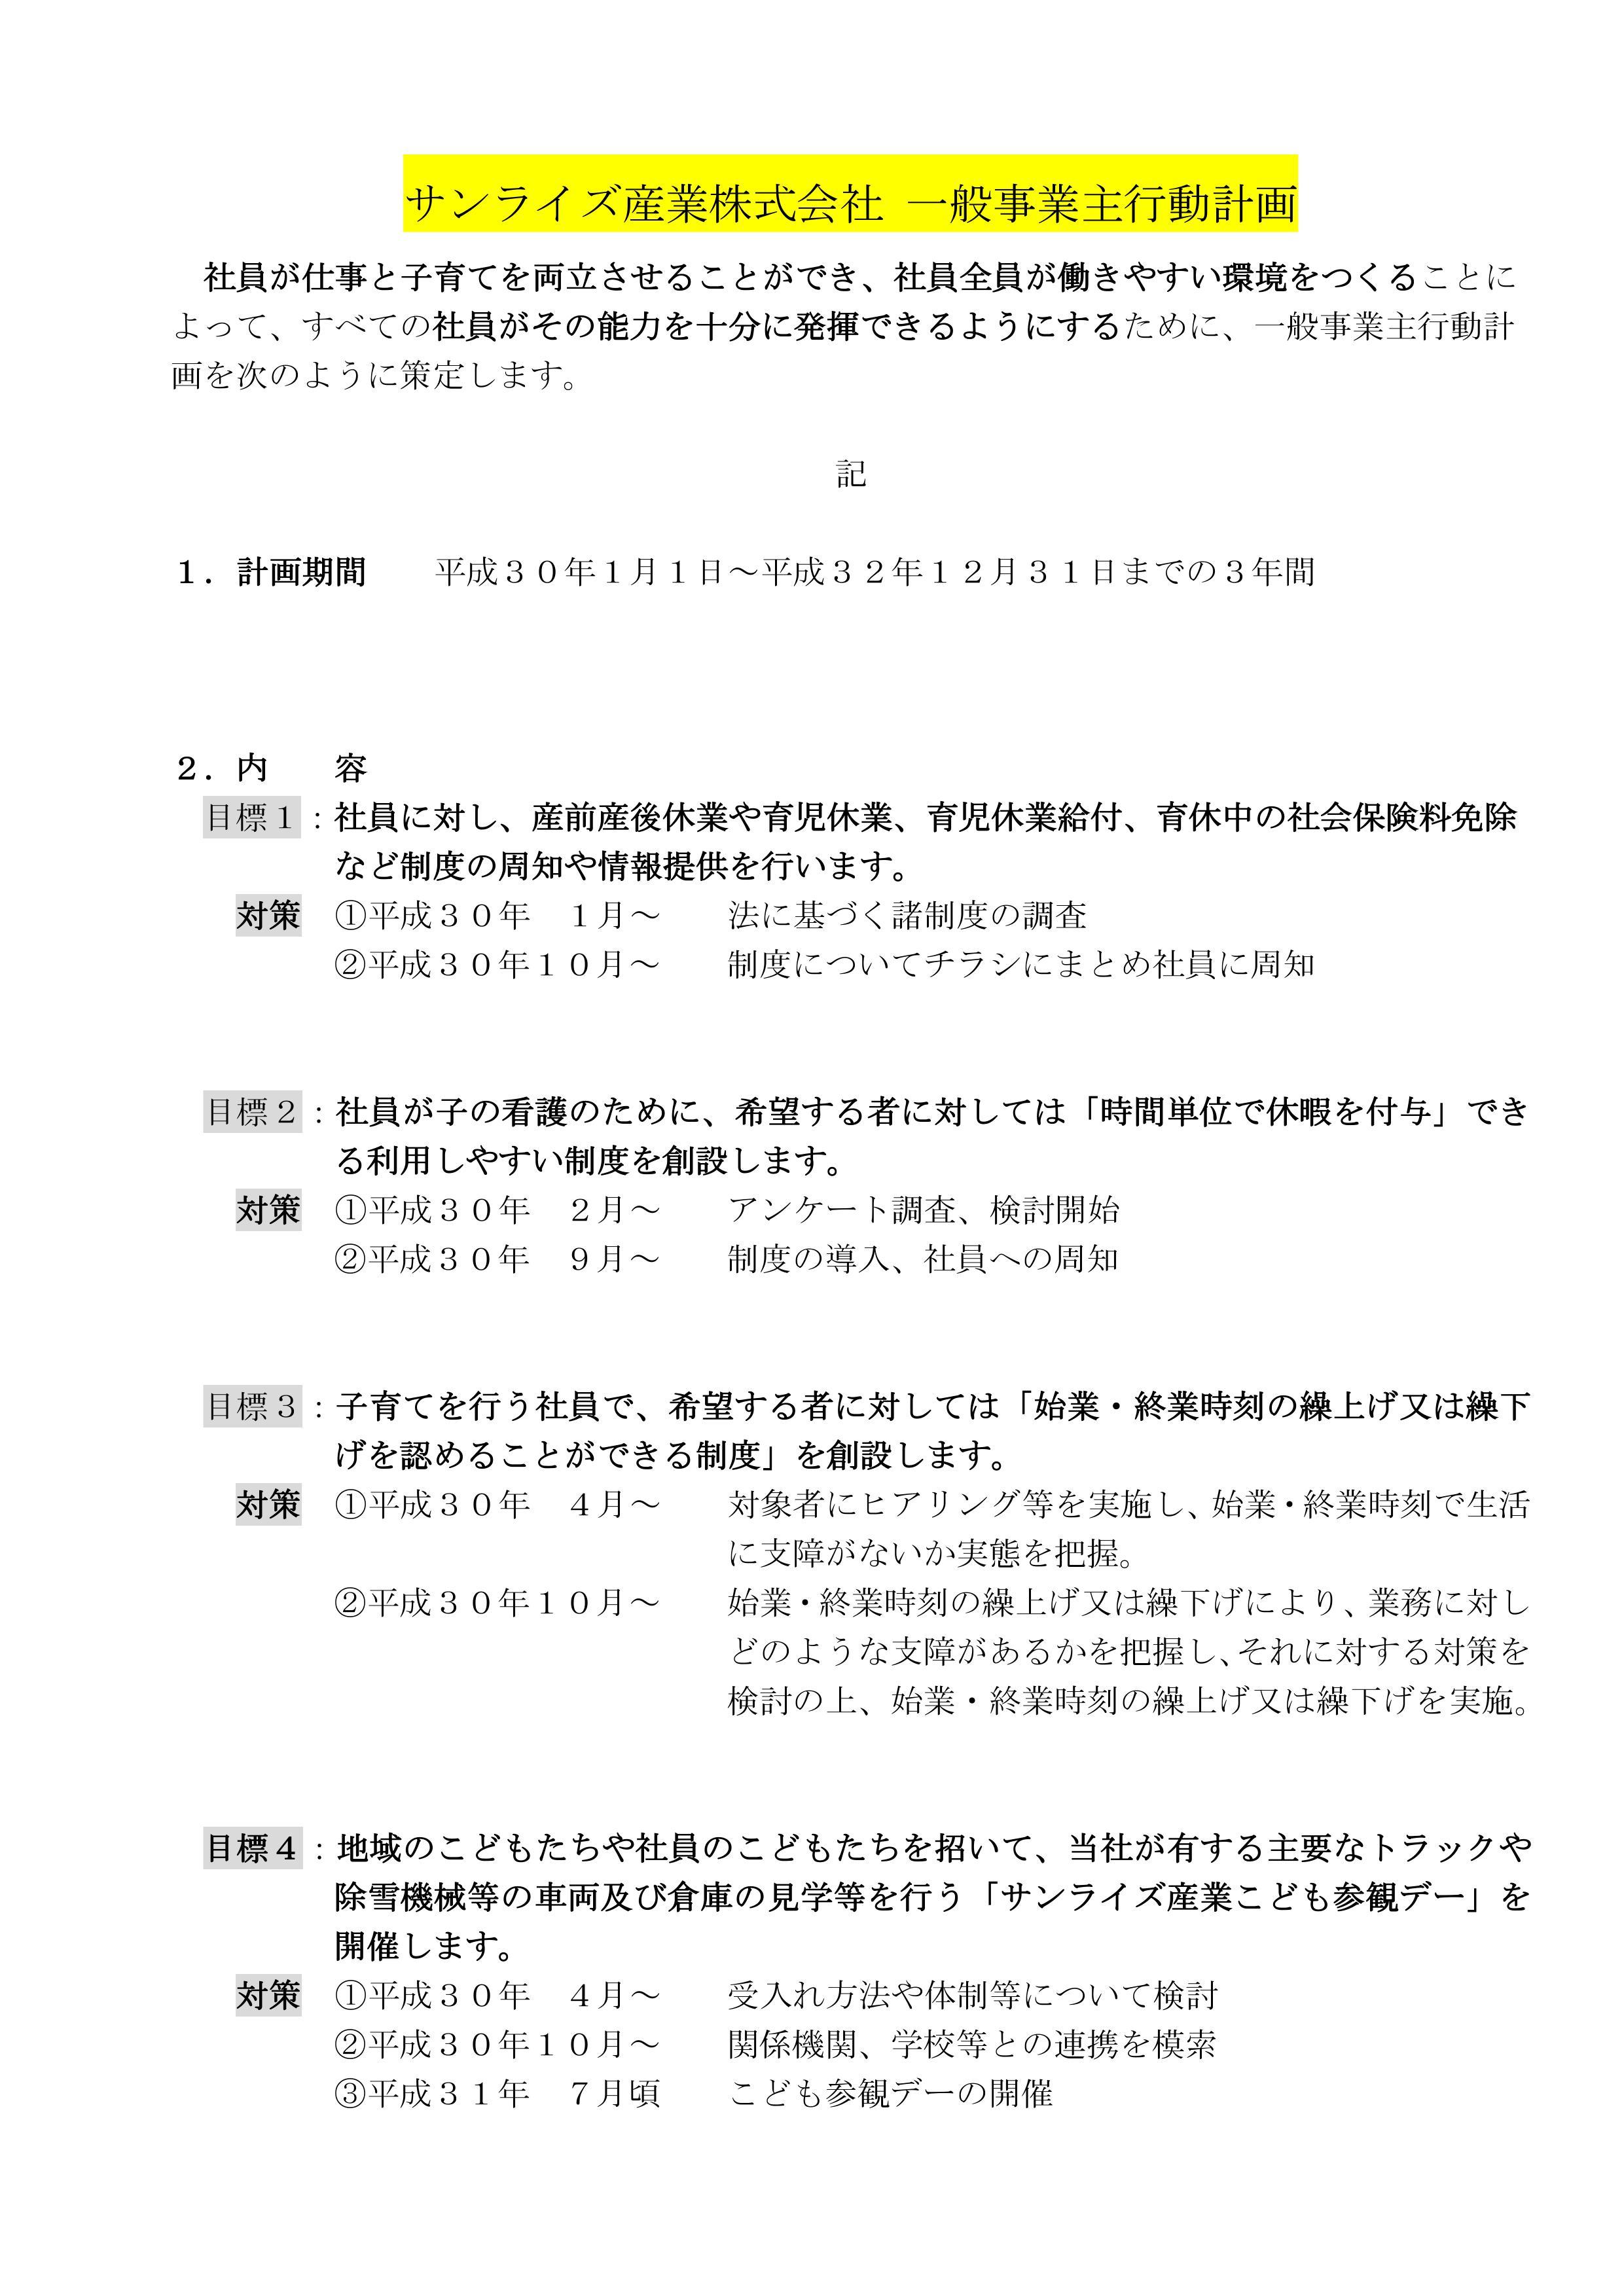 サンライズ産業株式会社 一般事業主行動計画の策定・公表